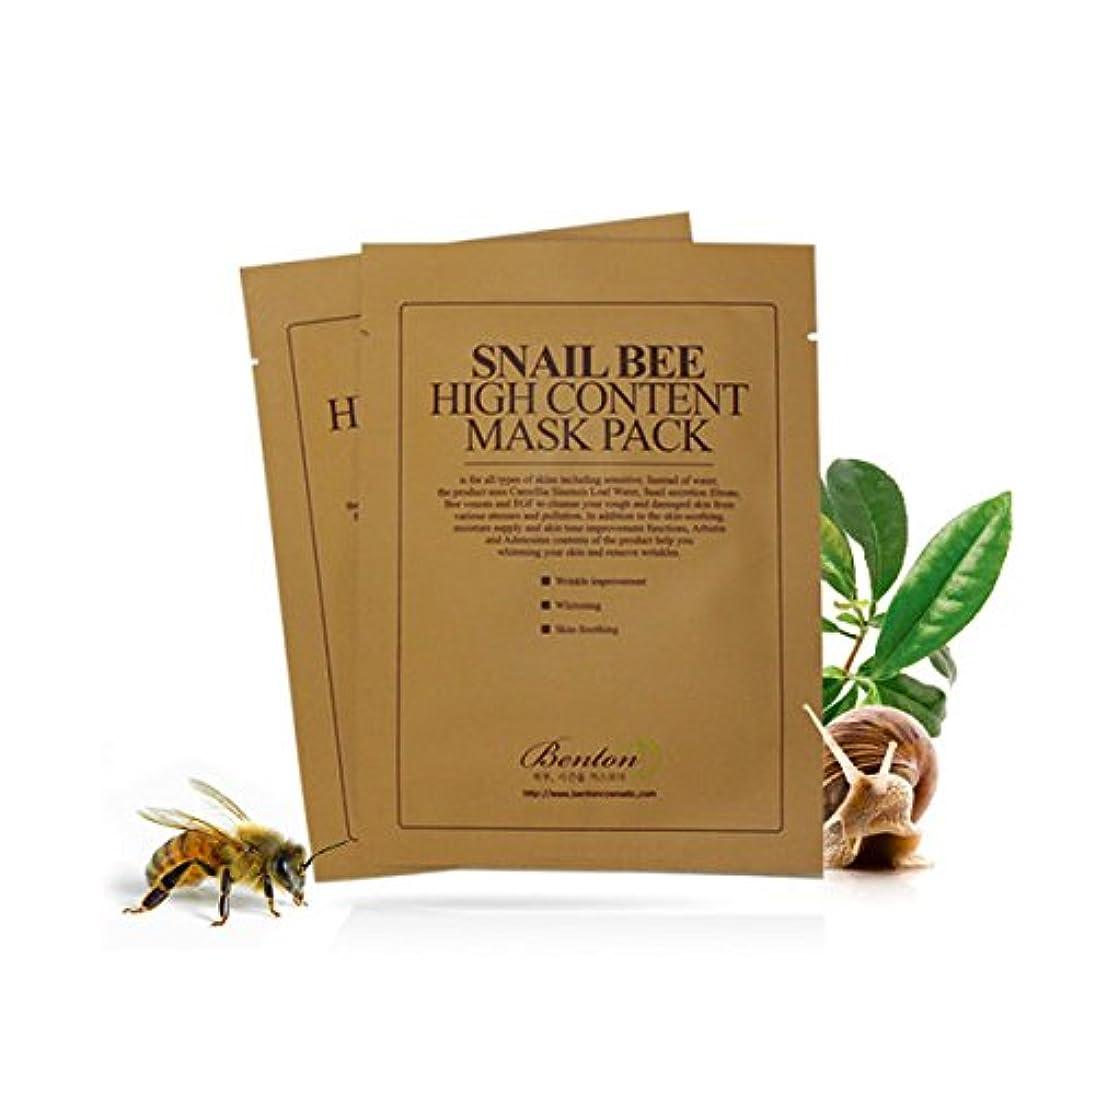 編集者バブル検出器[ベントン] BENTON カタツムリ蜂の高いコンテンツ?マスクパック Snail Bee High Content Mask Pack Sheet 10 Pcs [並行輸入品]